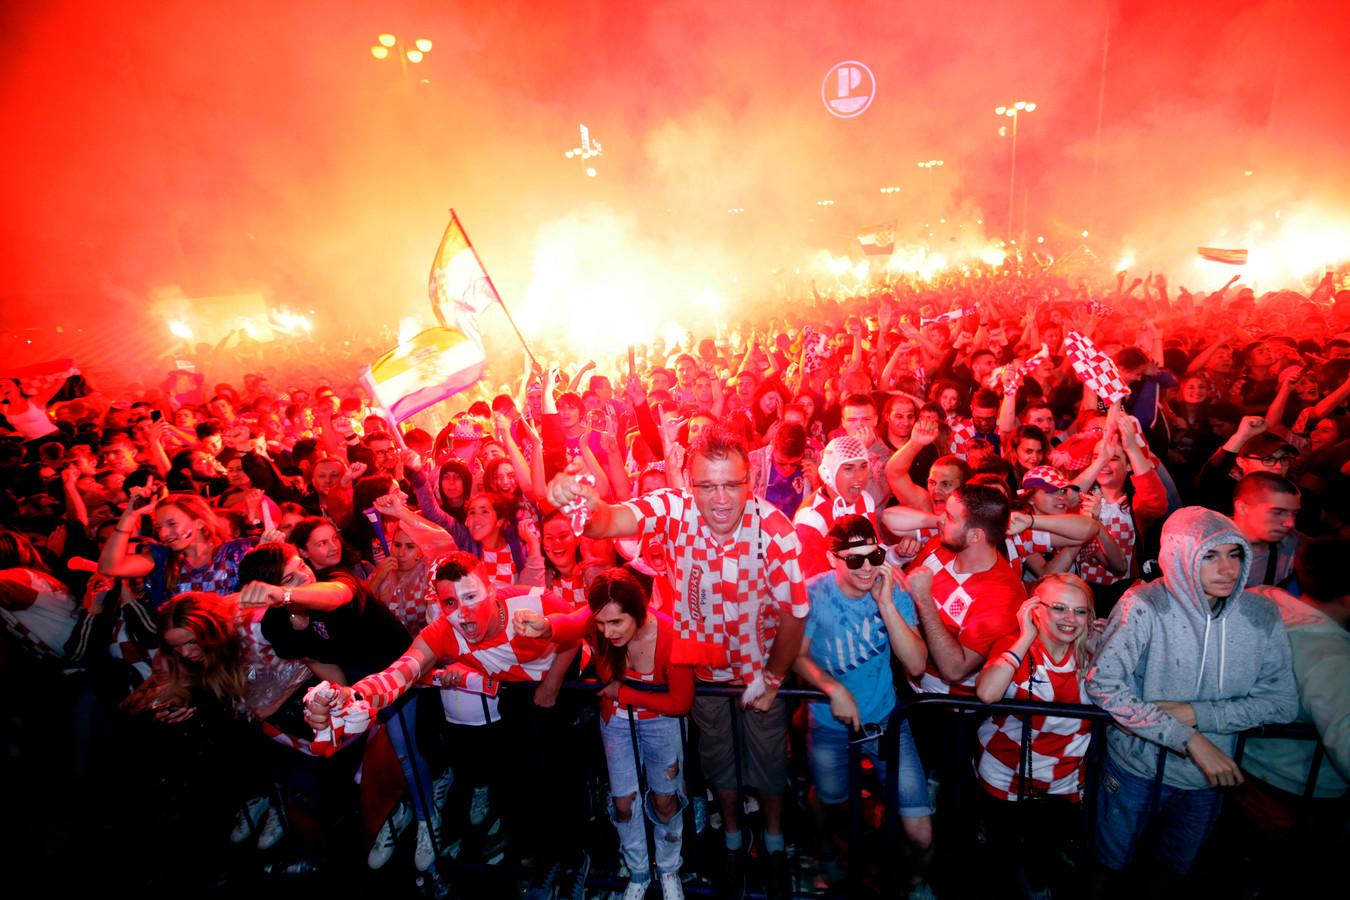 De winst in de halve finale tegen Engeland werd in de Kroatische hoofdstad groots gevierd. Ook vandaag worden er tienduizenden voetbalfans op het Jelacic-plein verwacht.